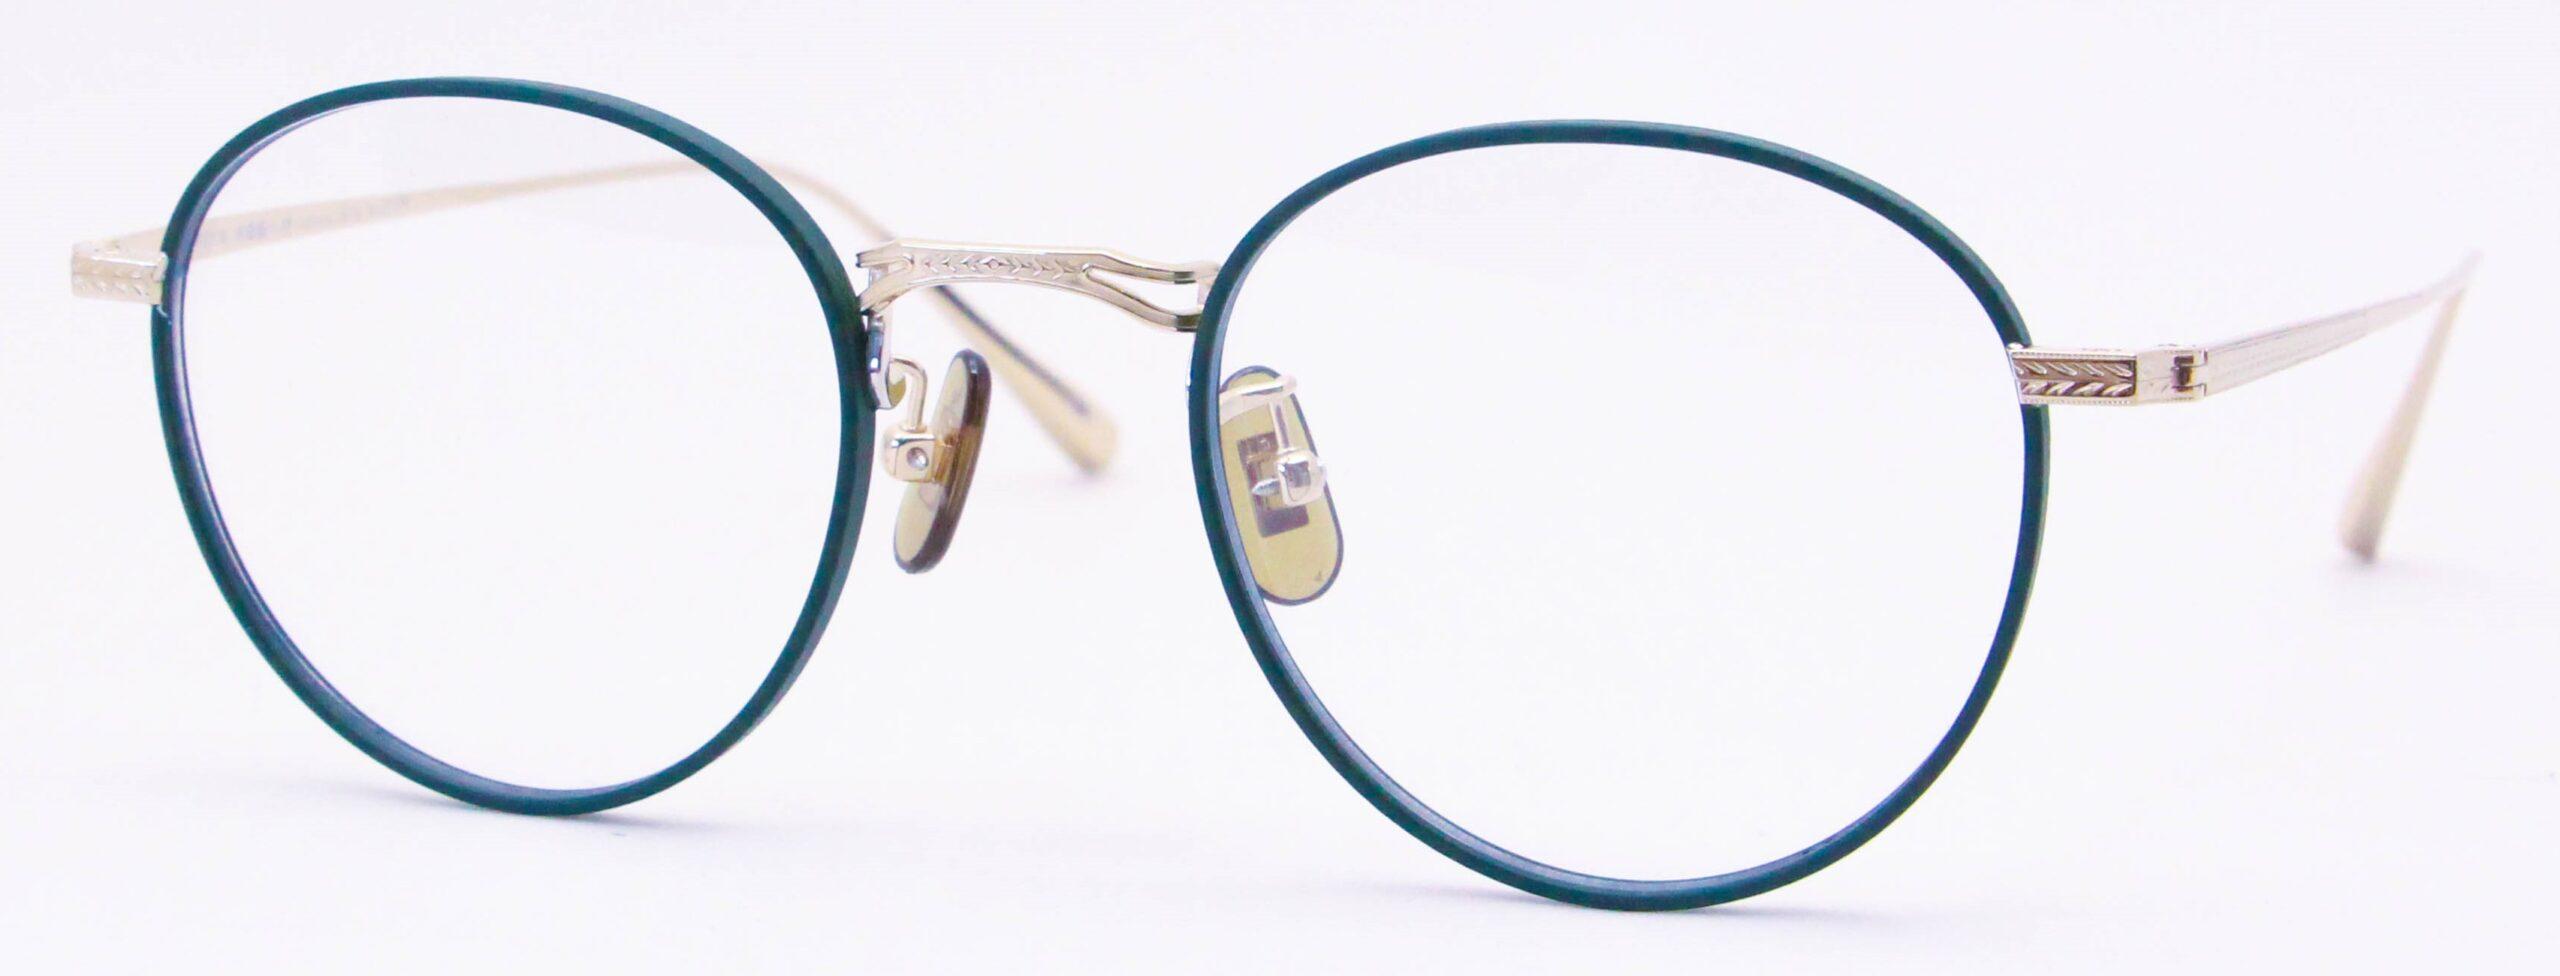 眼鏡のカラータイプC-5 Green-Matt/Gold